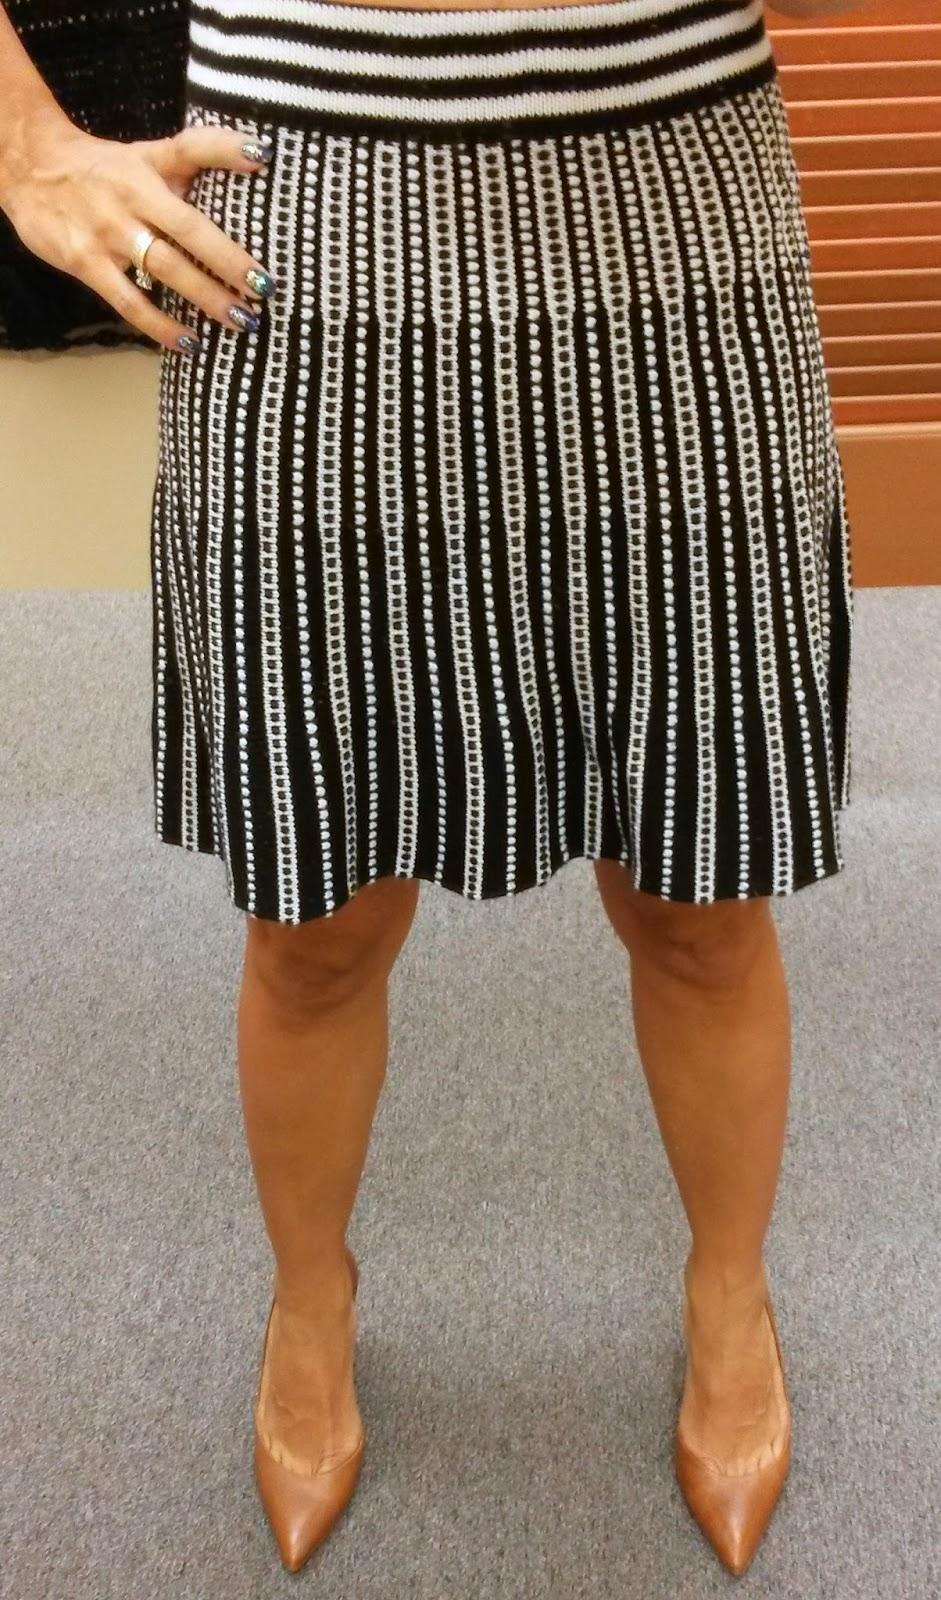 Kohl's Petite Dresses